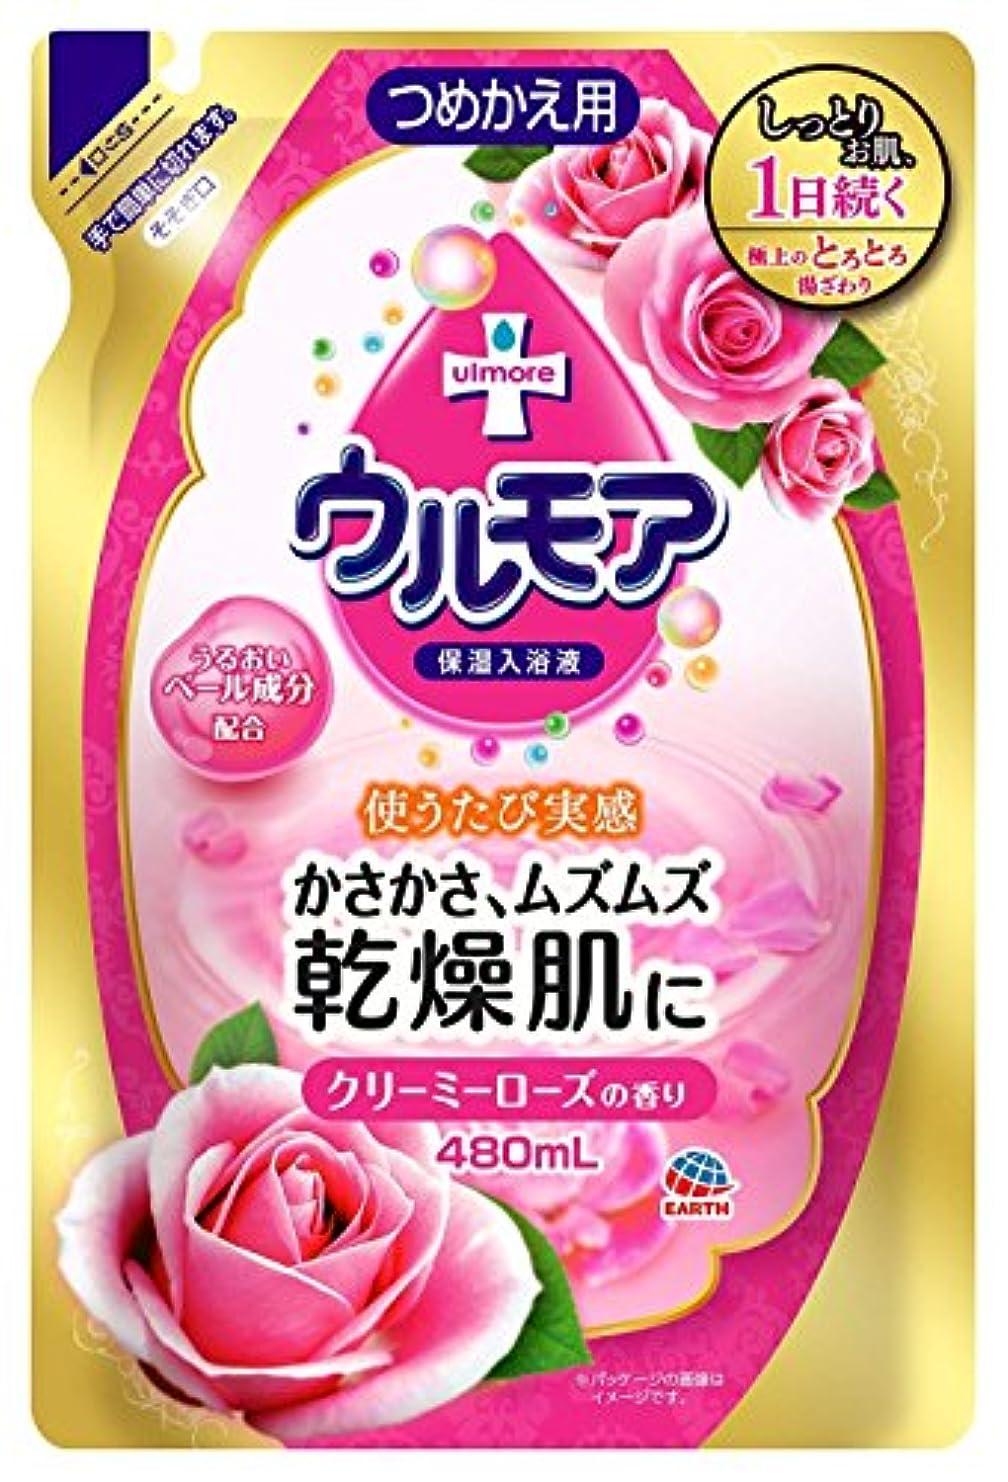 湿度陰気露骨な【アース製薬】保湿入浴液ウルモアクリーミーローズの香り 詰替え用 480ml ×5個セット